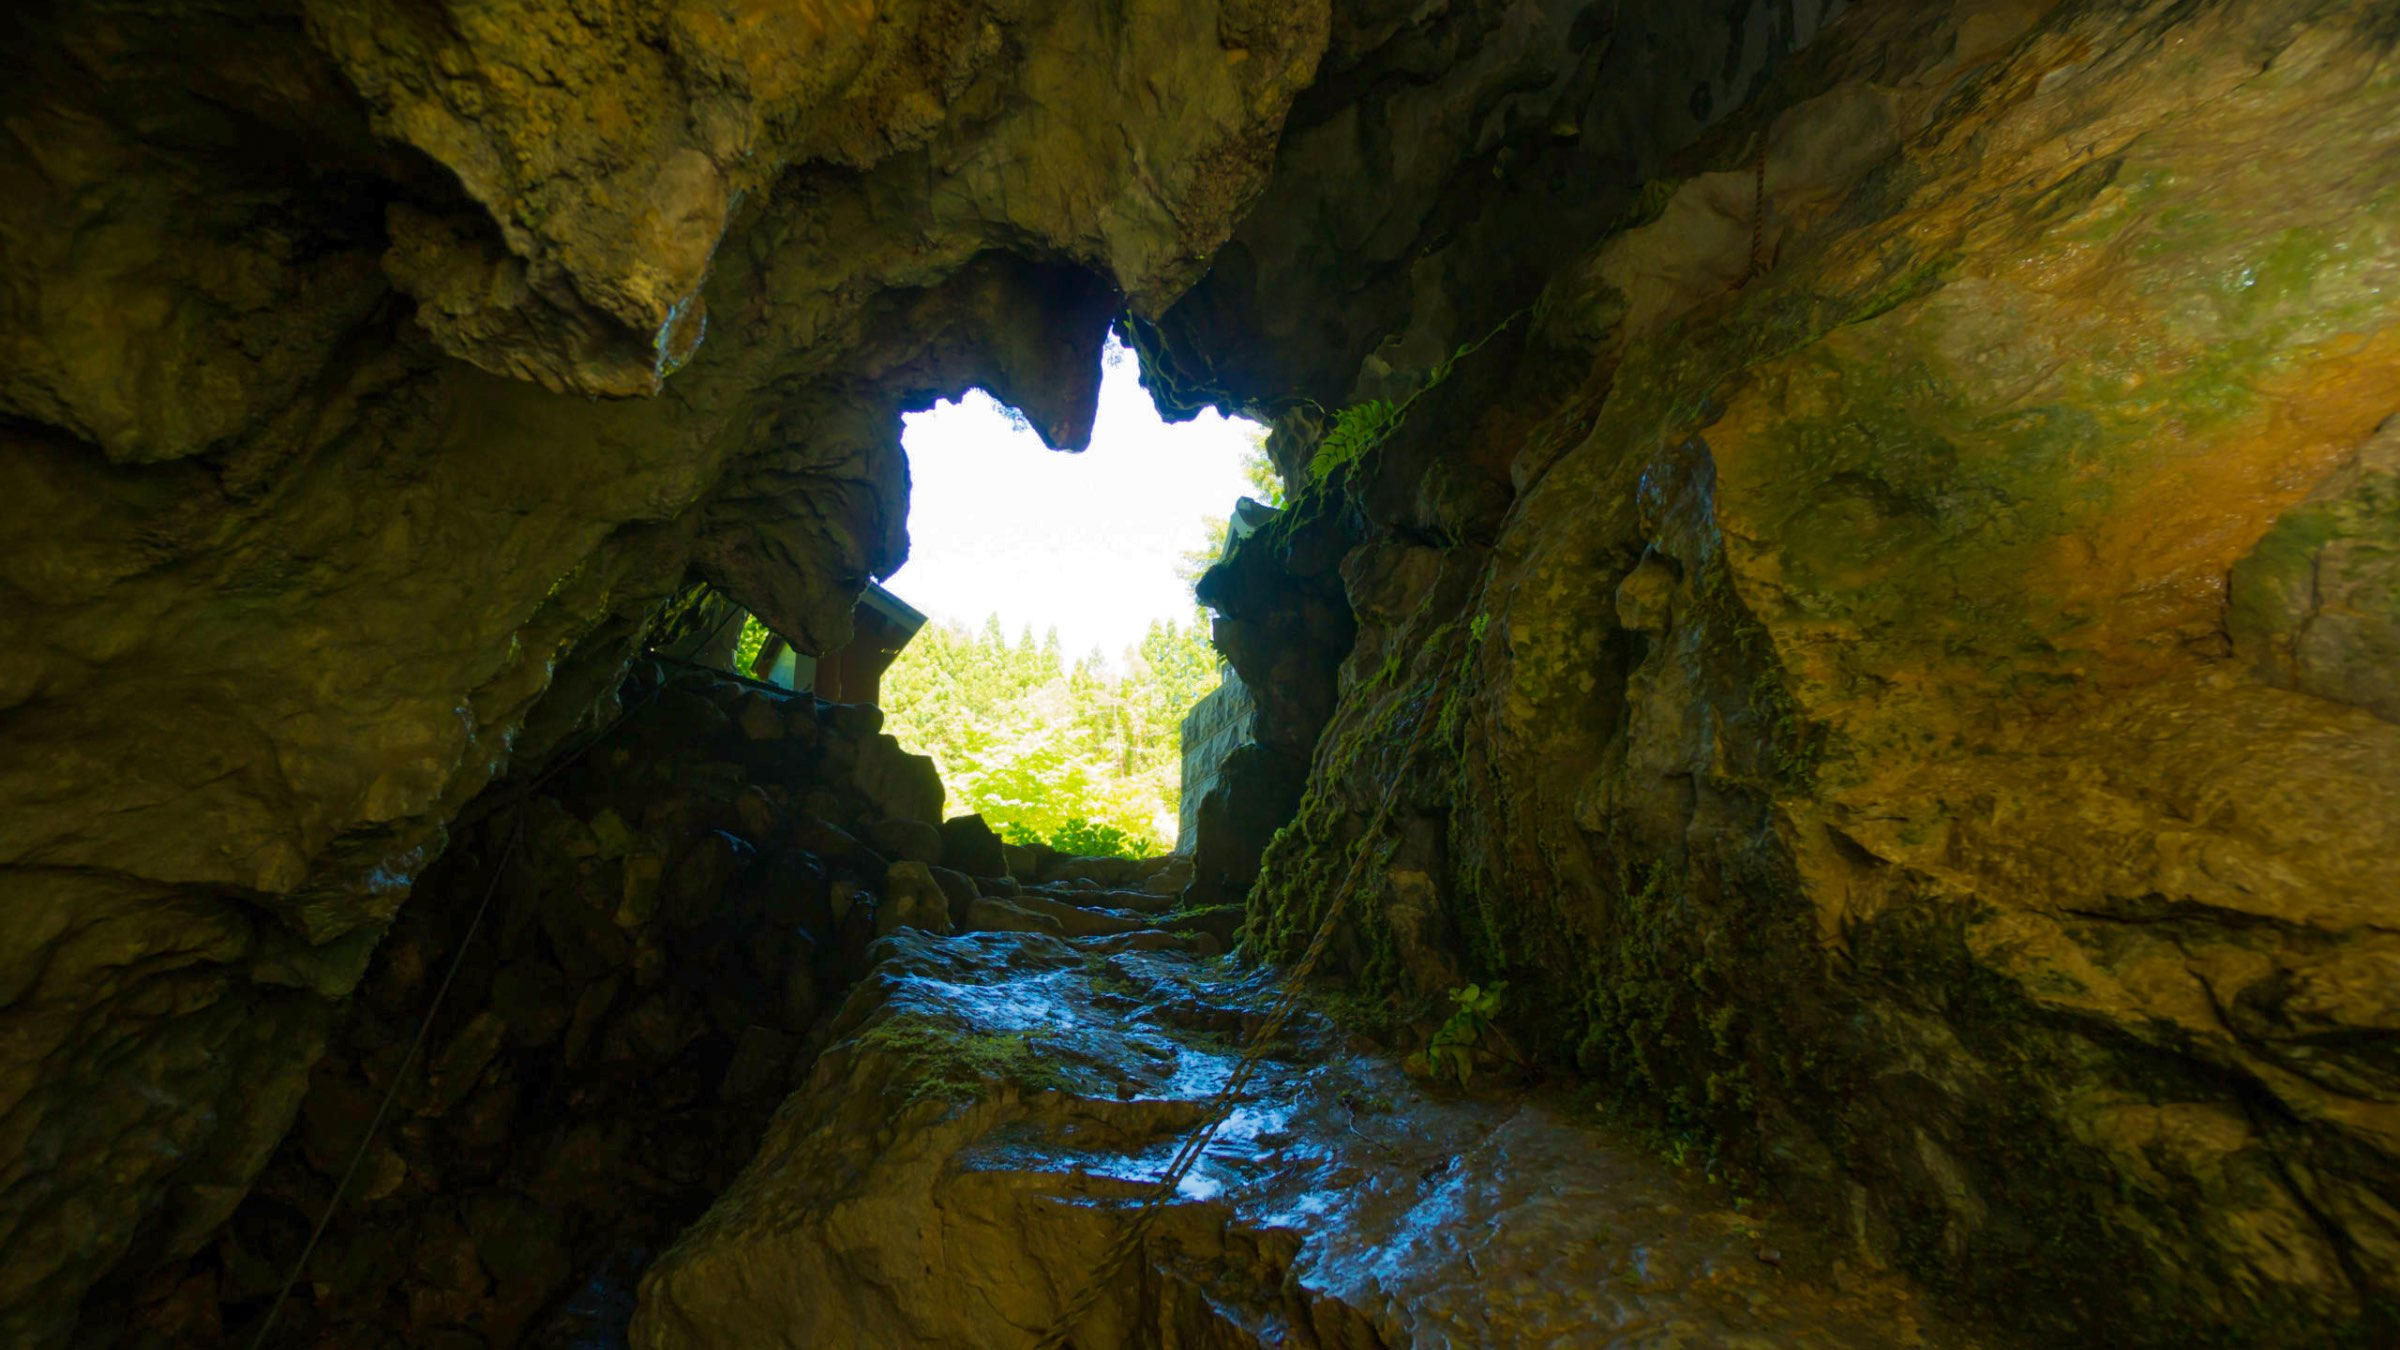 四万十川源流域に佇む神秘と冒険の洞窟「稲葉洞」